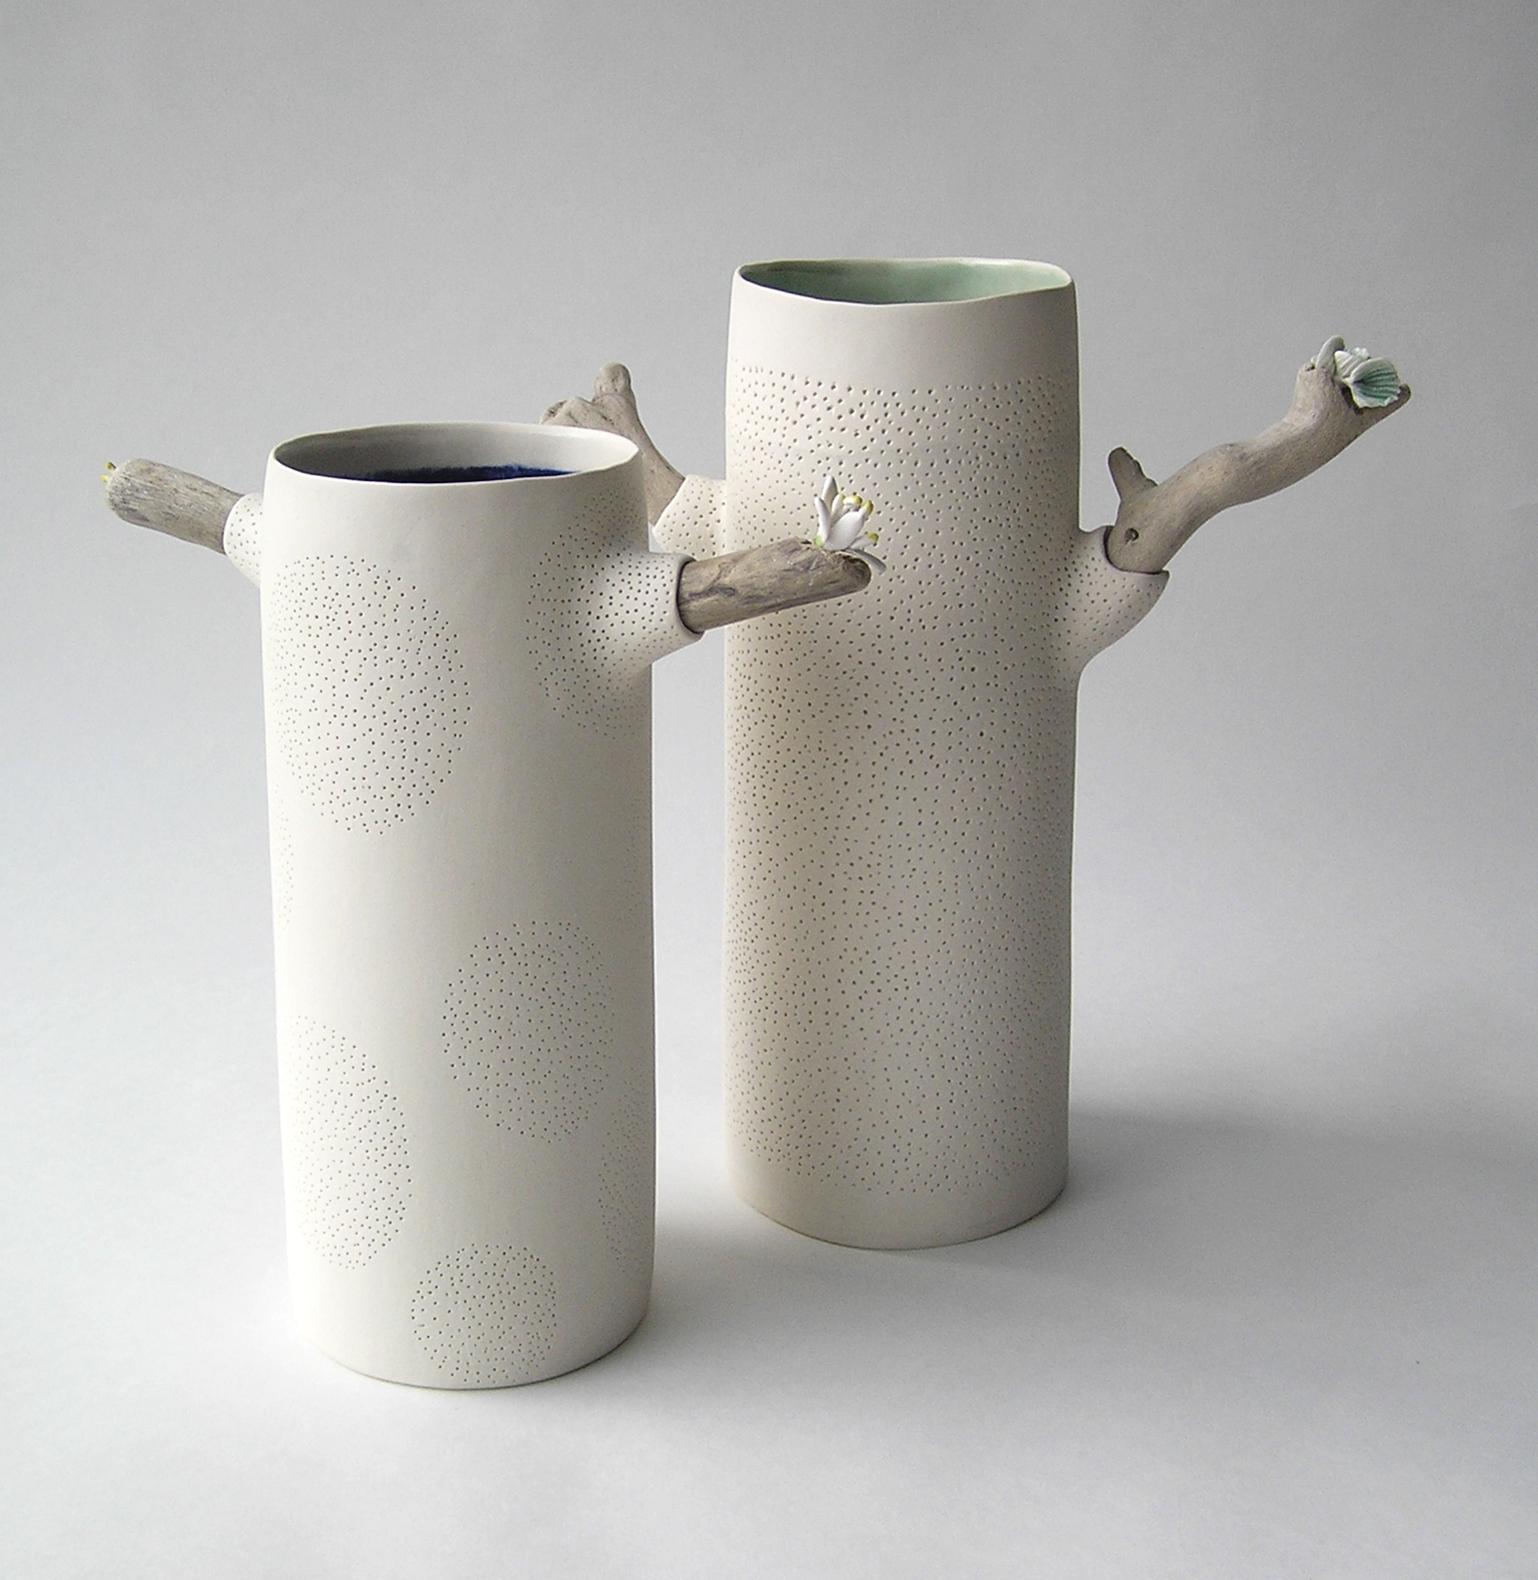 Tideline vases